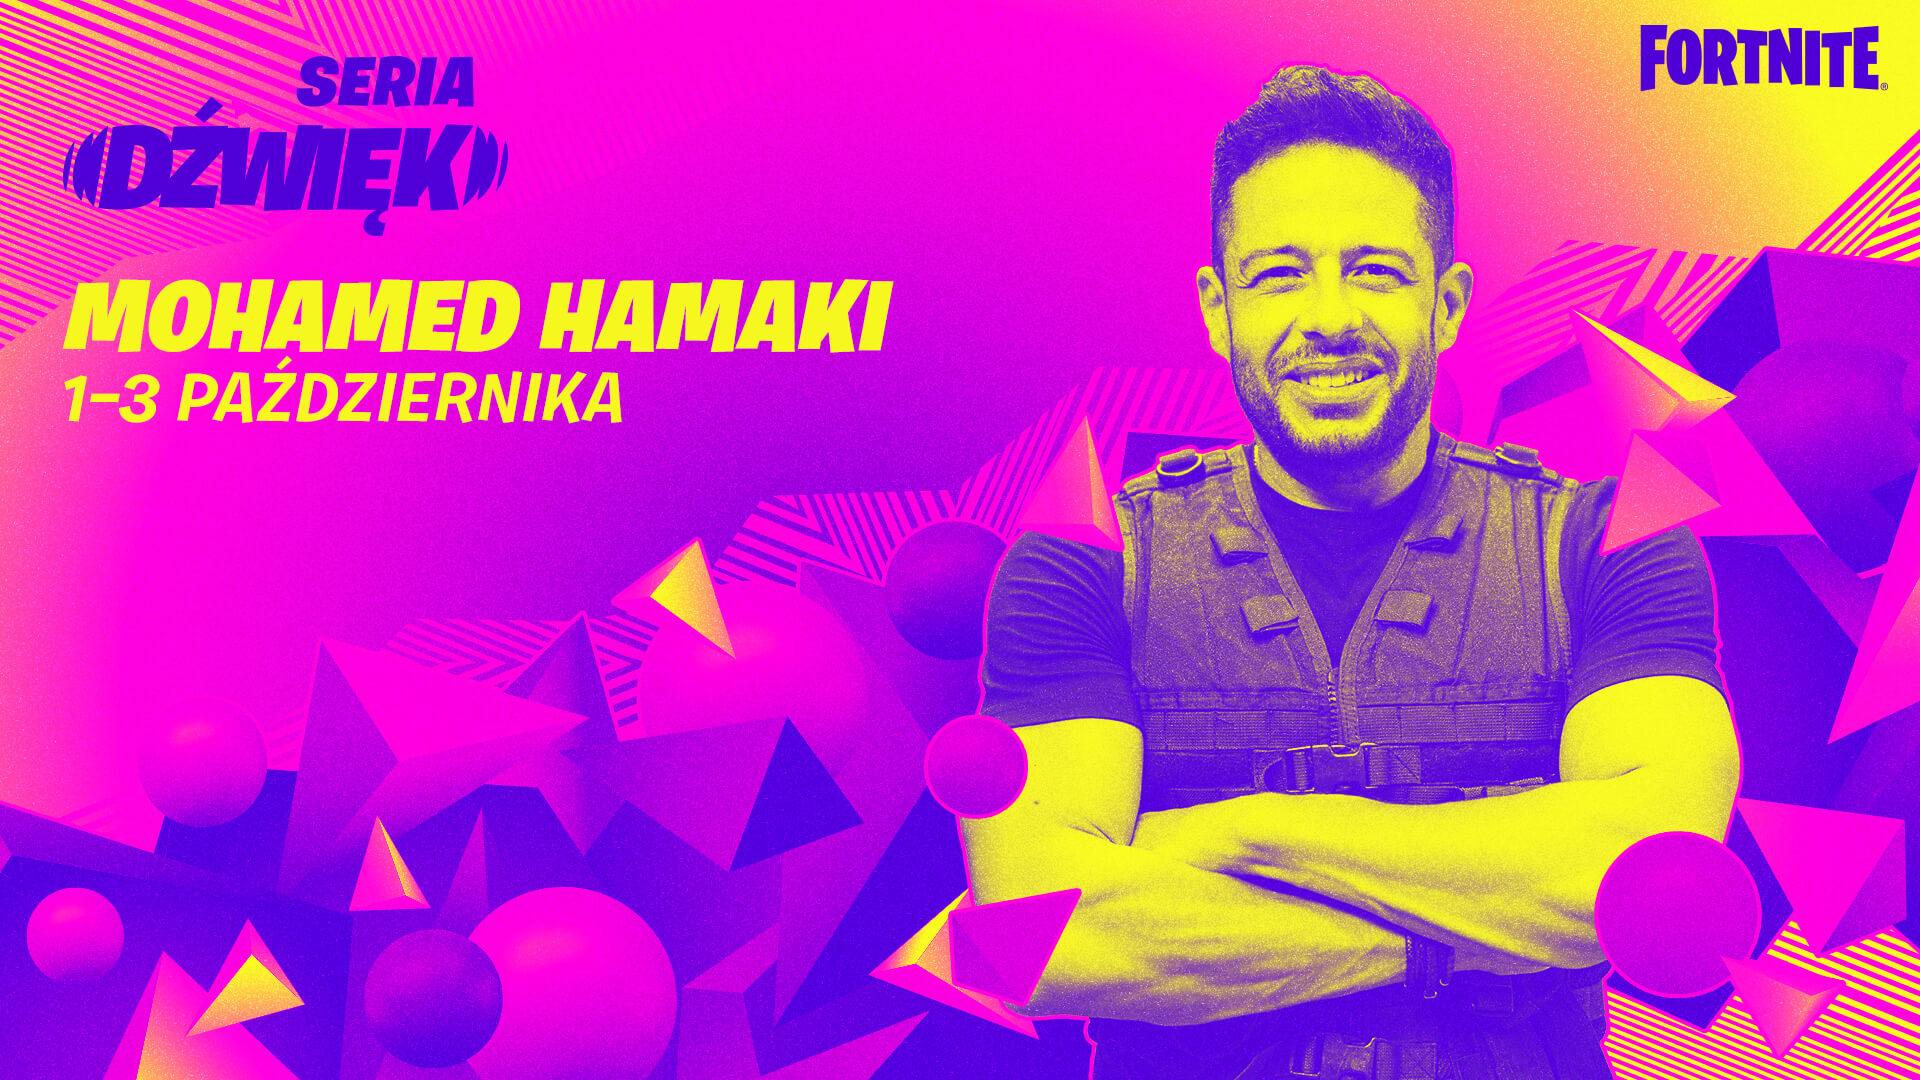 fornite koncert mohamed hamaki